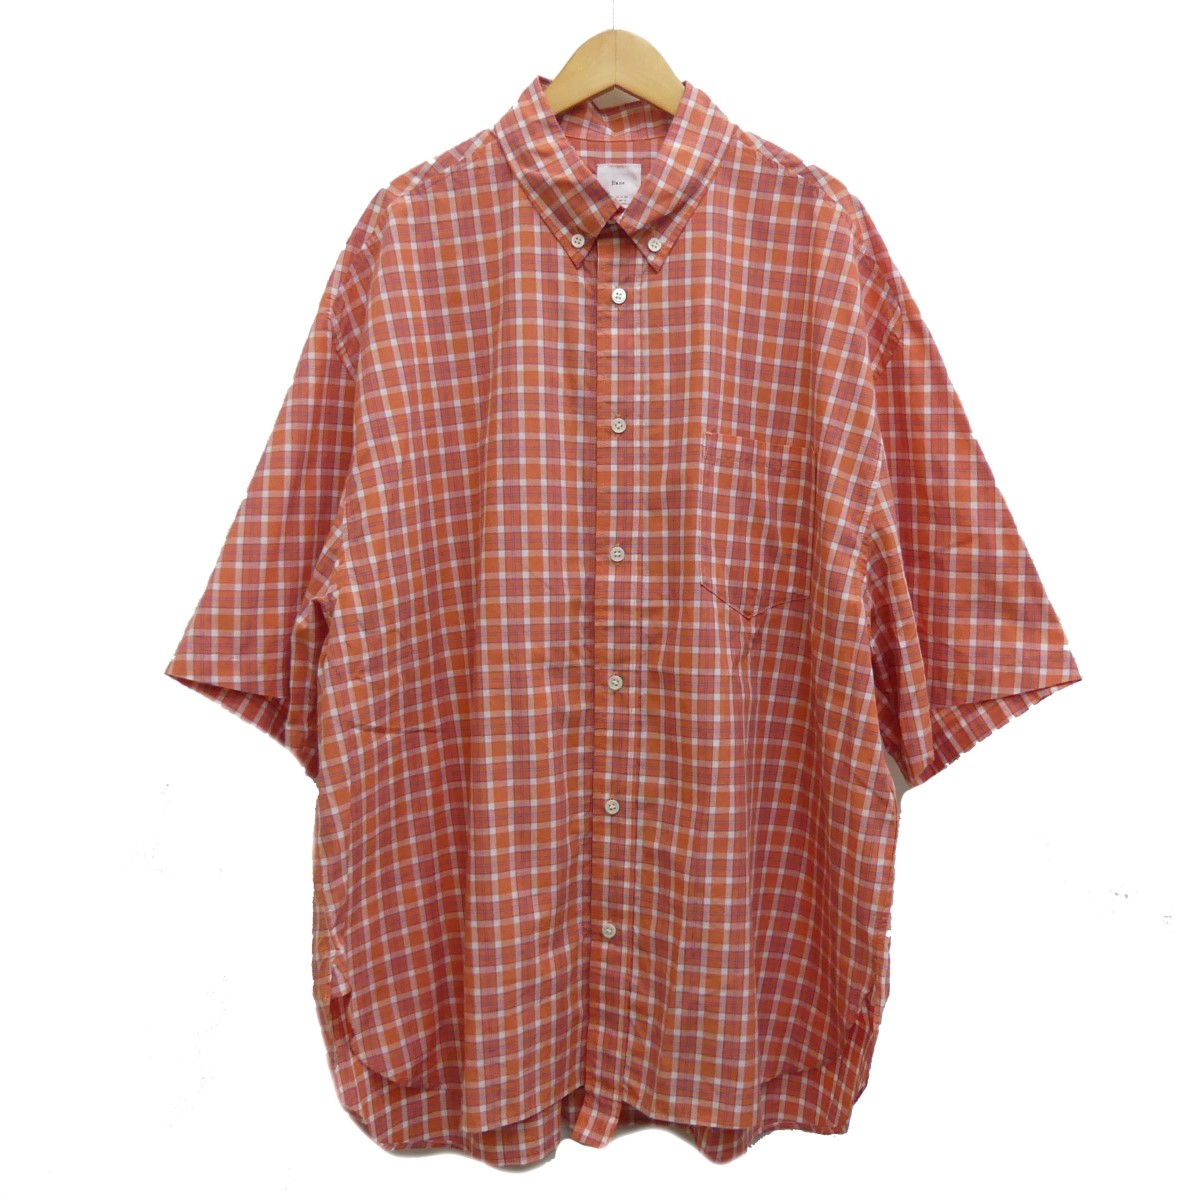 【中古】name. 19SS ボタンダウンチェックシャツ オレンジ サイズ:3 【280420】(ネーム)